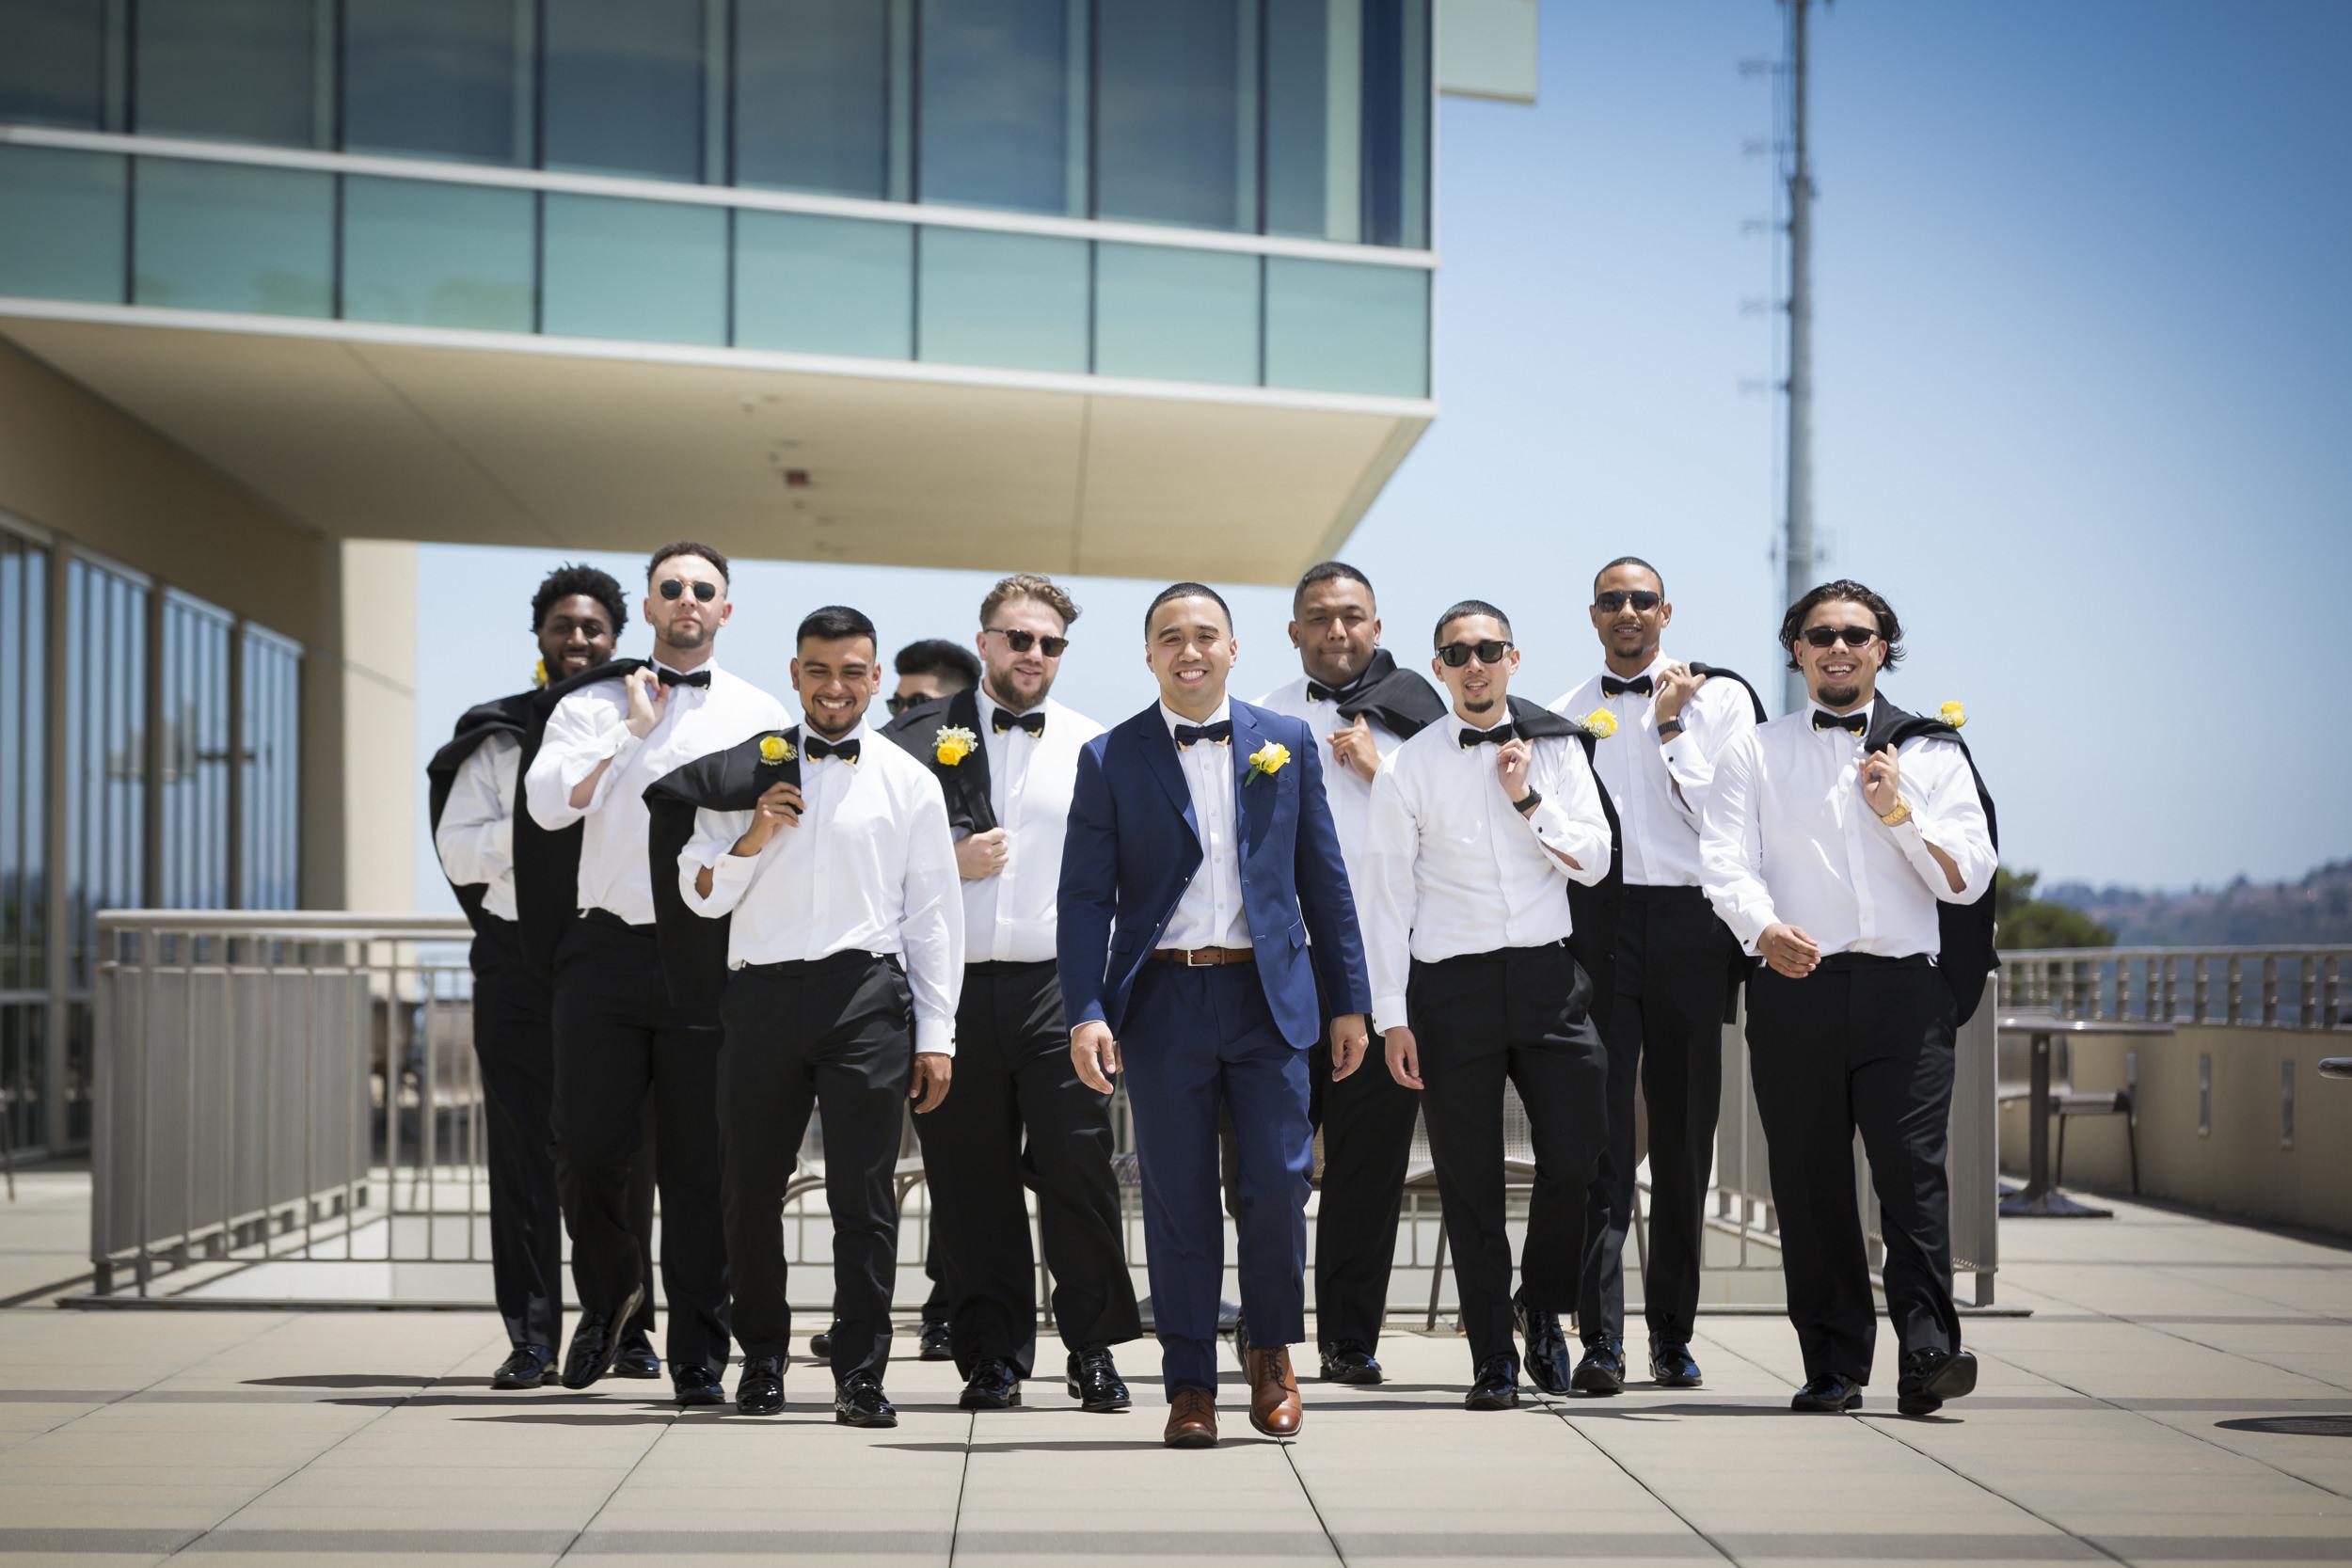 groomsmen-walking-with-groom-carlo-1.jpg